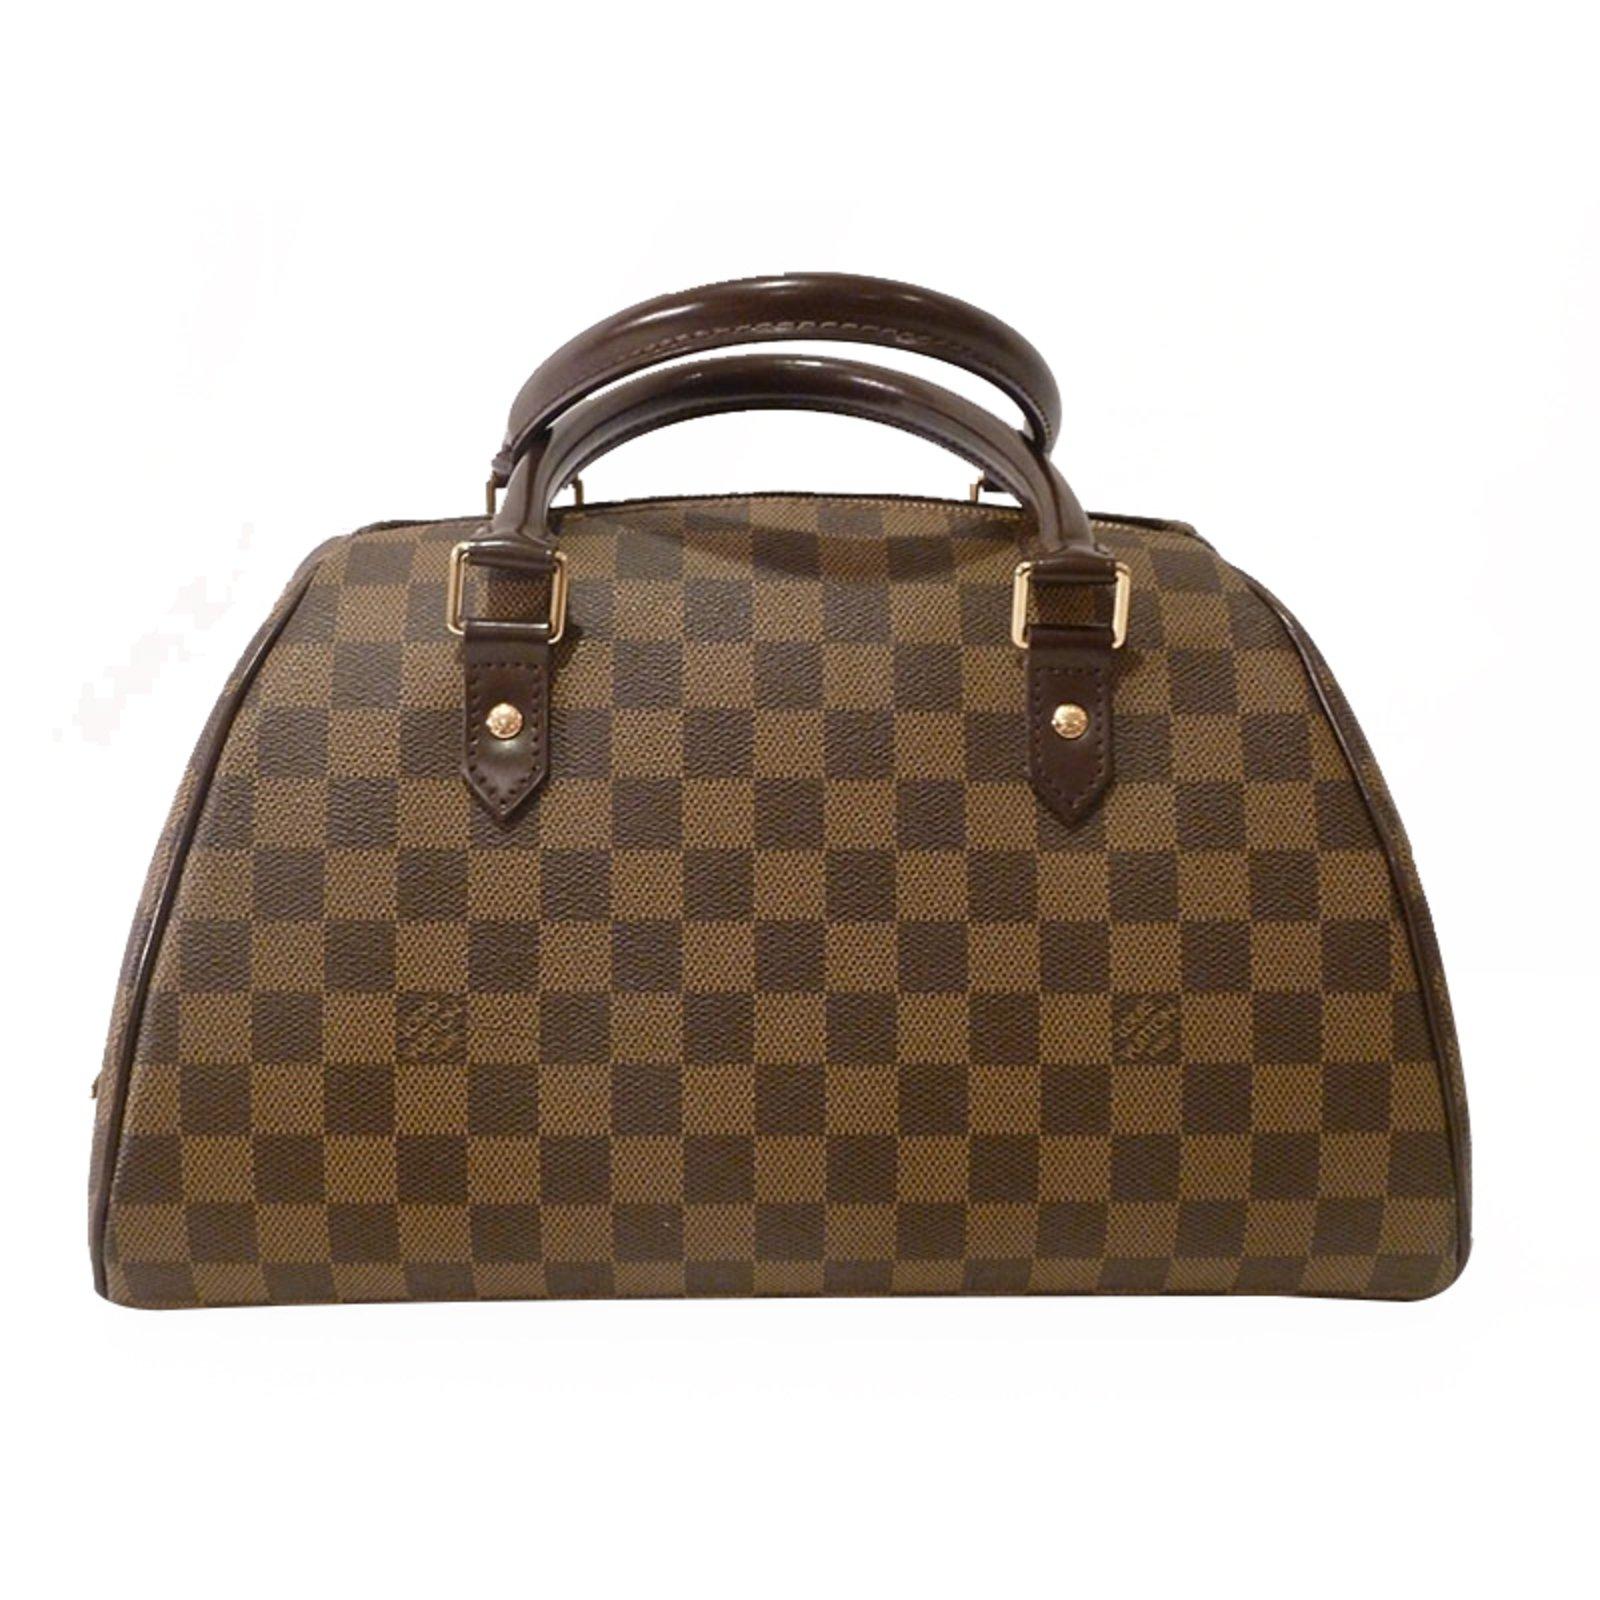 Sacs à main Louis Vuitton Damier Ebene Ribera MM Cuir Marron ref.21610 e2f8186cf6a